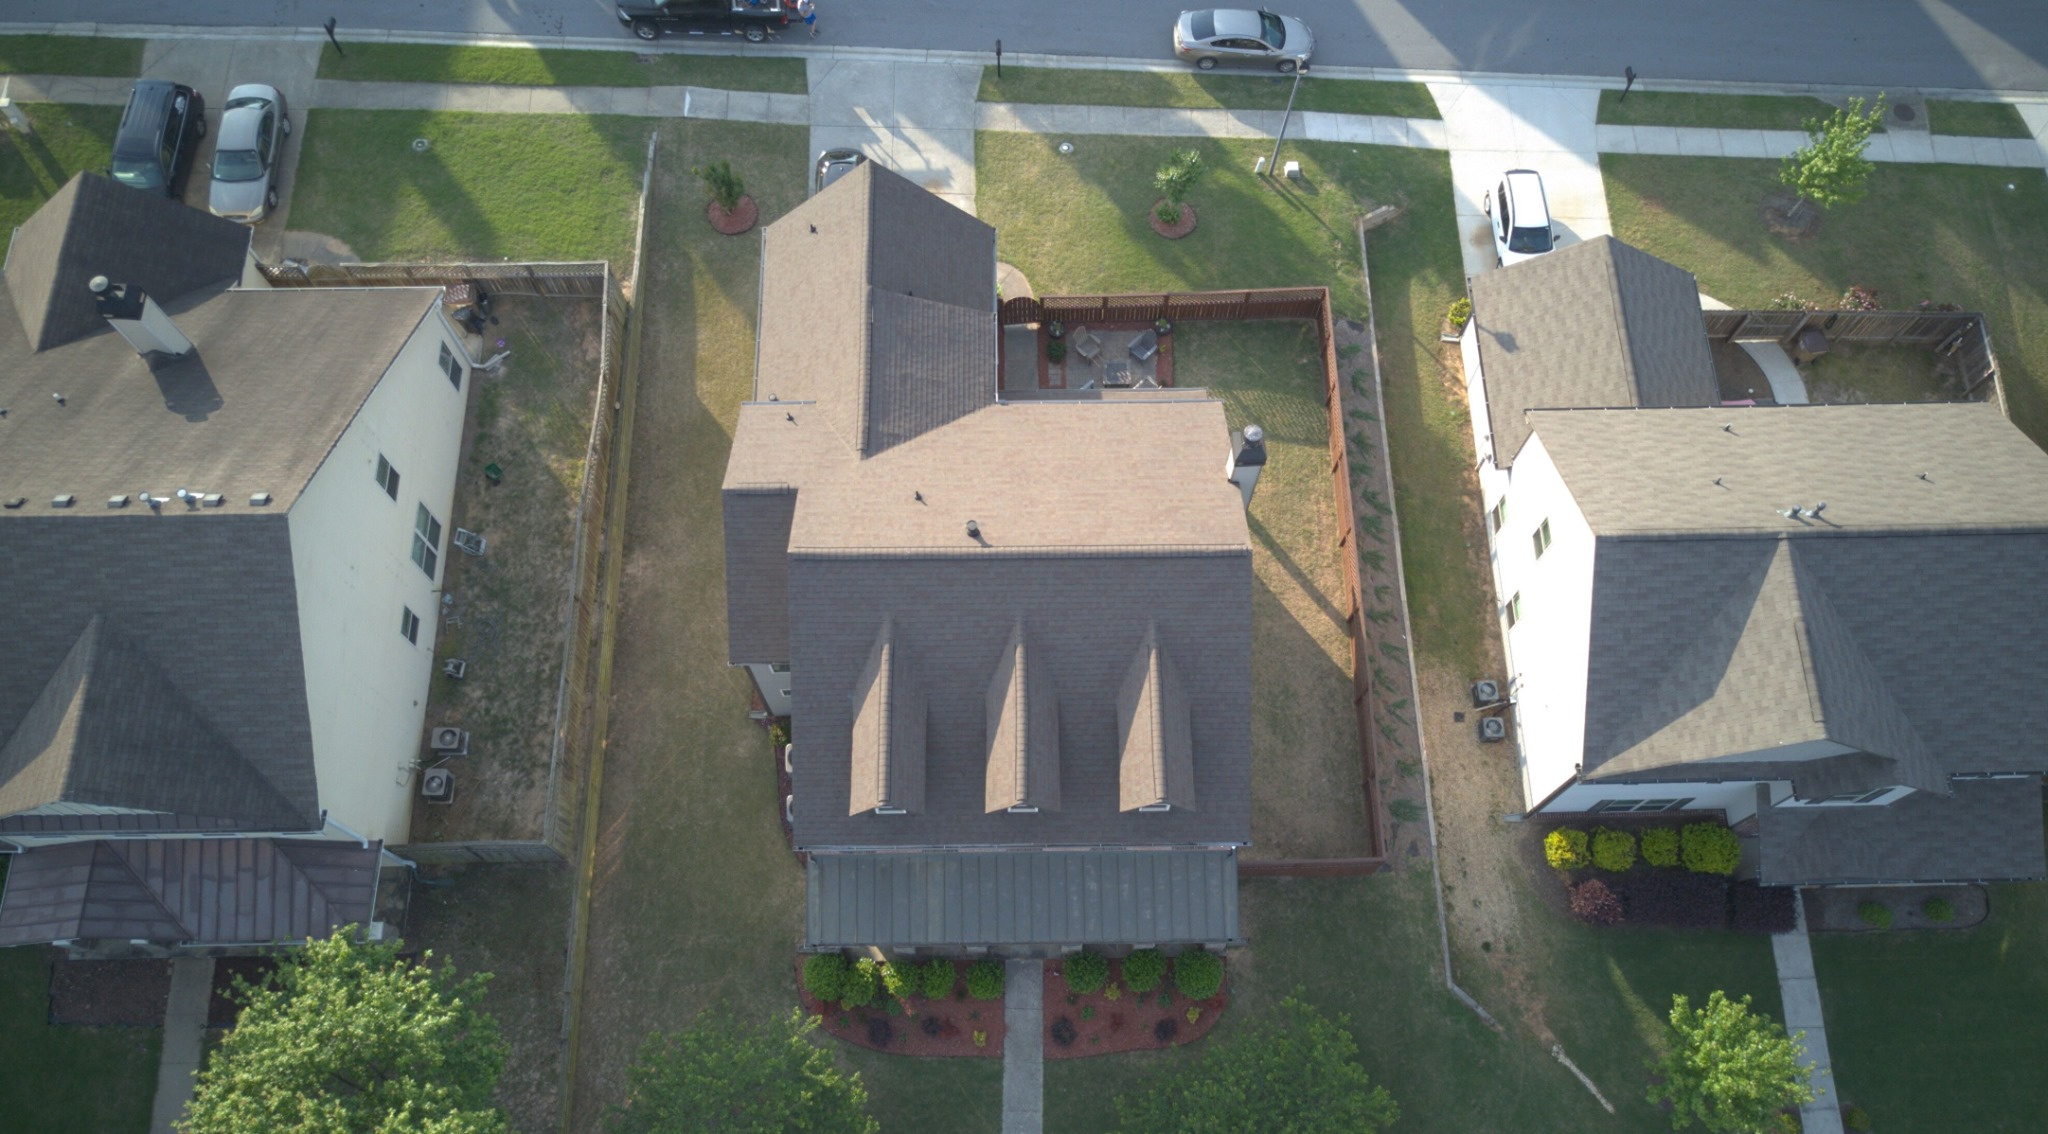 Aldridge roofing company